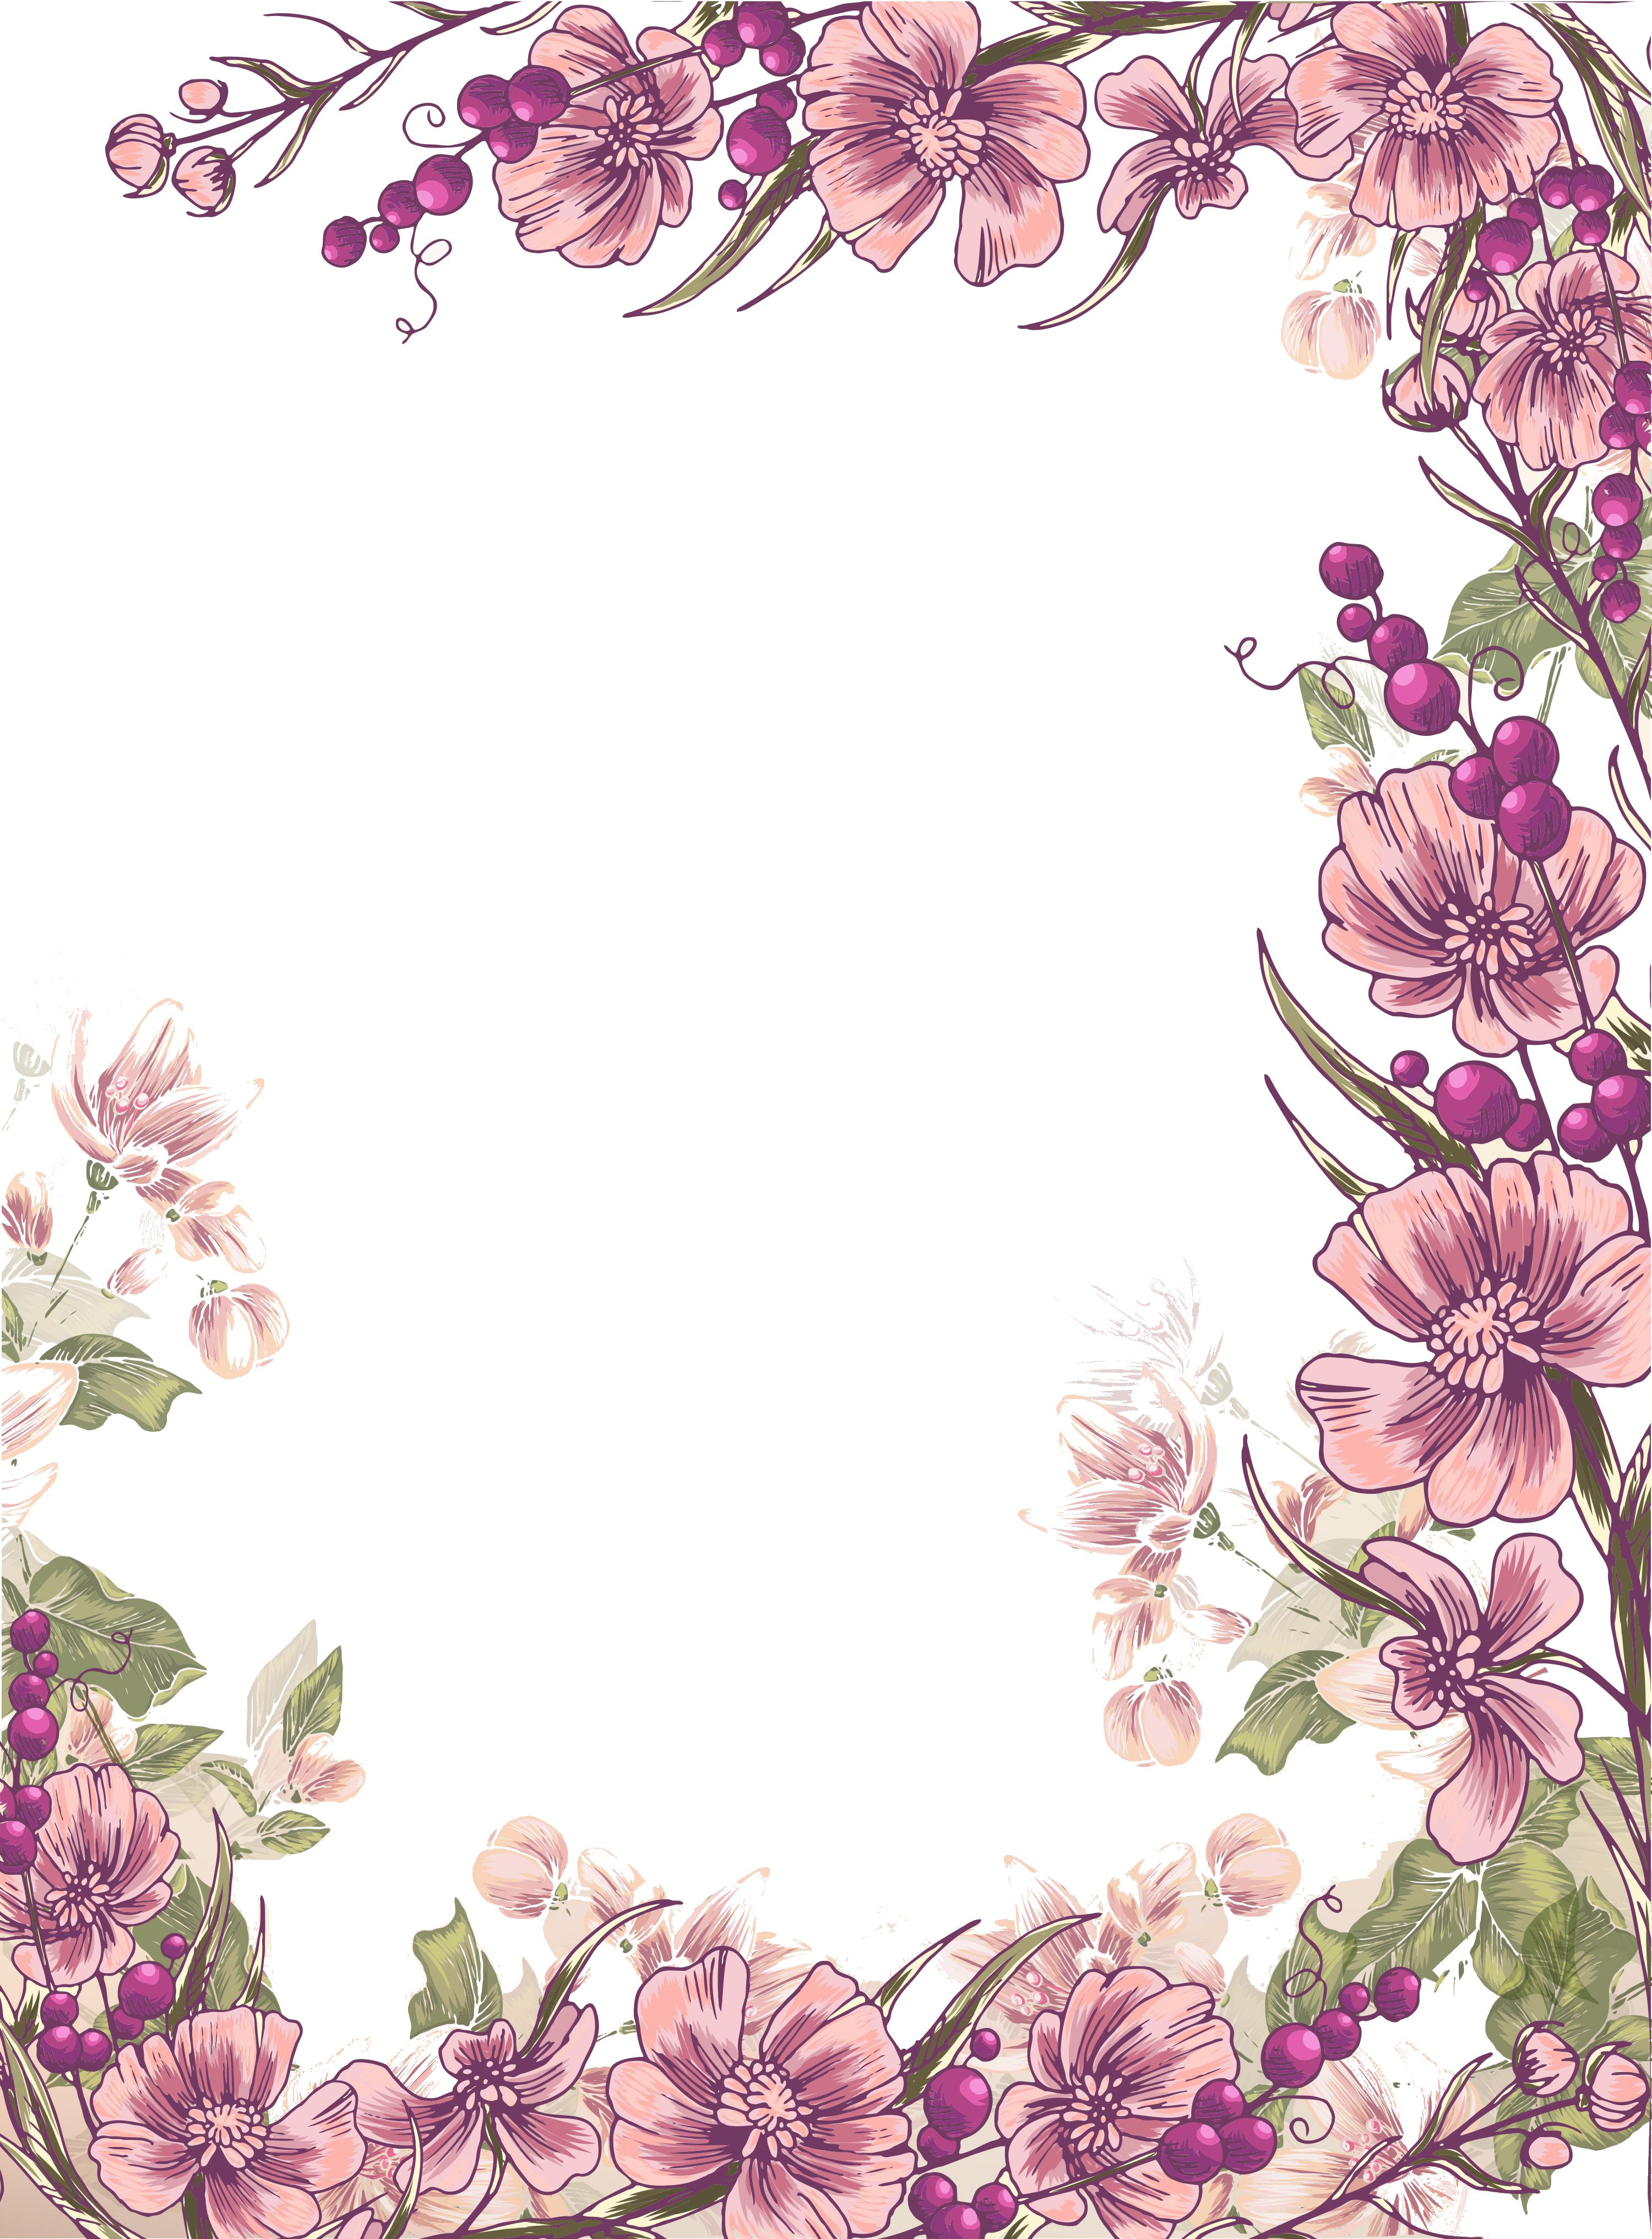 Purple flower border clipart free clipart transparent stock Flower Floral design Euclidean vector Illustration - Ink purple ... clipart transparent stock